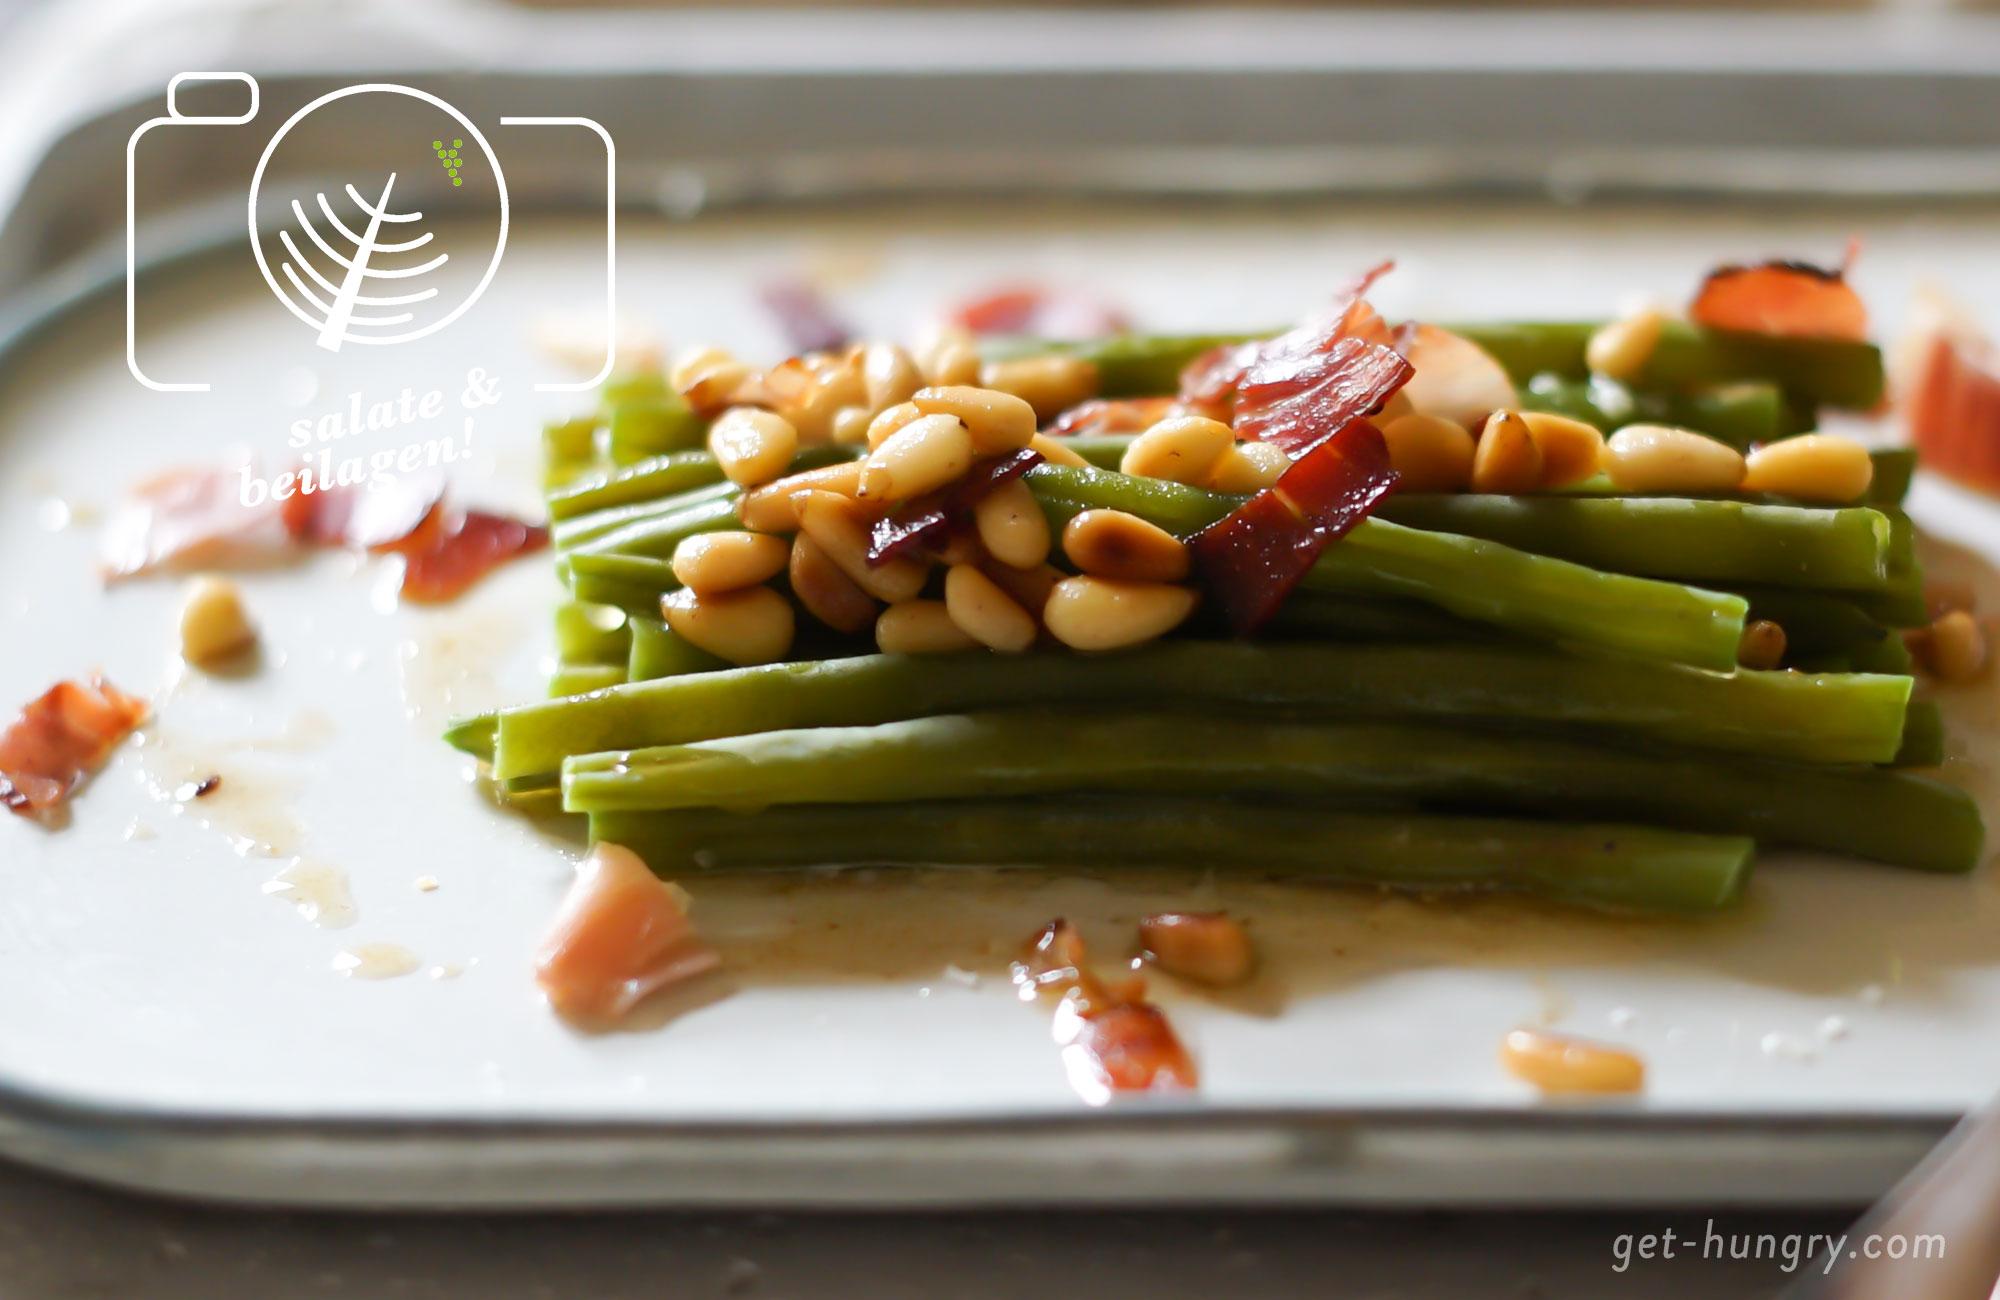 """ALTERNATIV: bei der vegetarischen Variante einfach Bohnen solo mit Pinienkernen mischen. Wer es süßlicher mag, mixt gebratene Birnen darunter - quasi wie """"Birne, Bohne, Speck"""" (...)"""